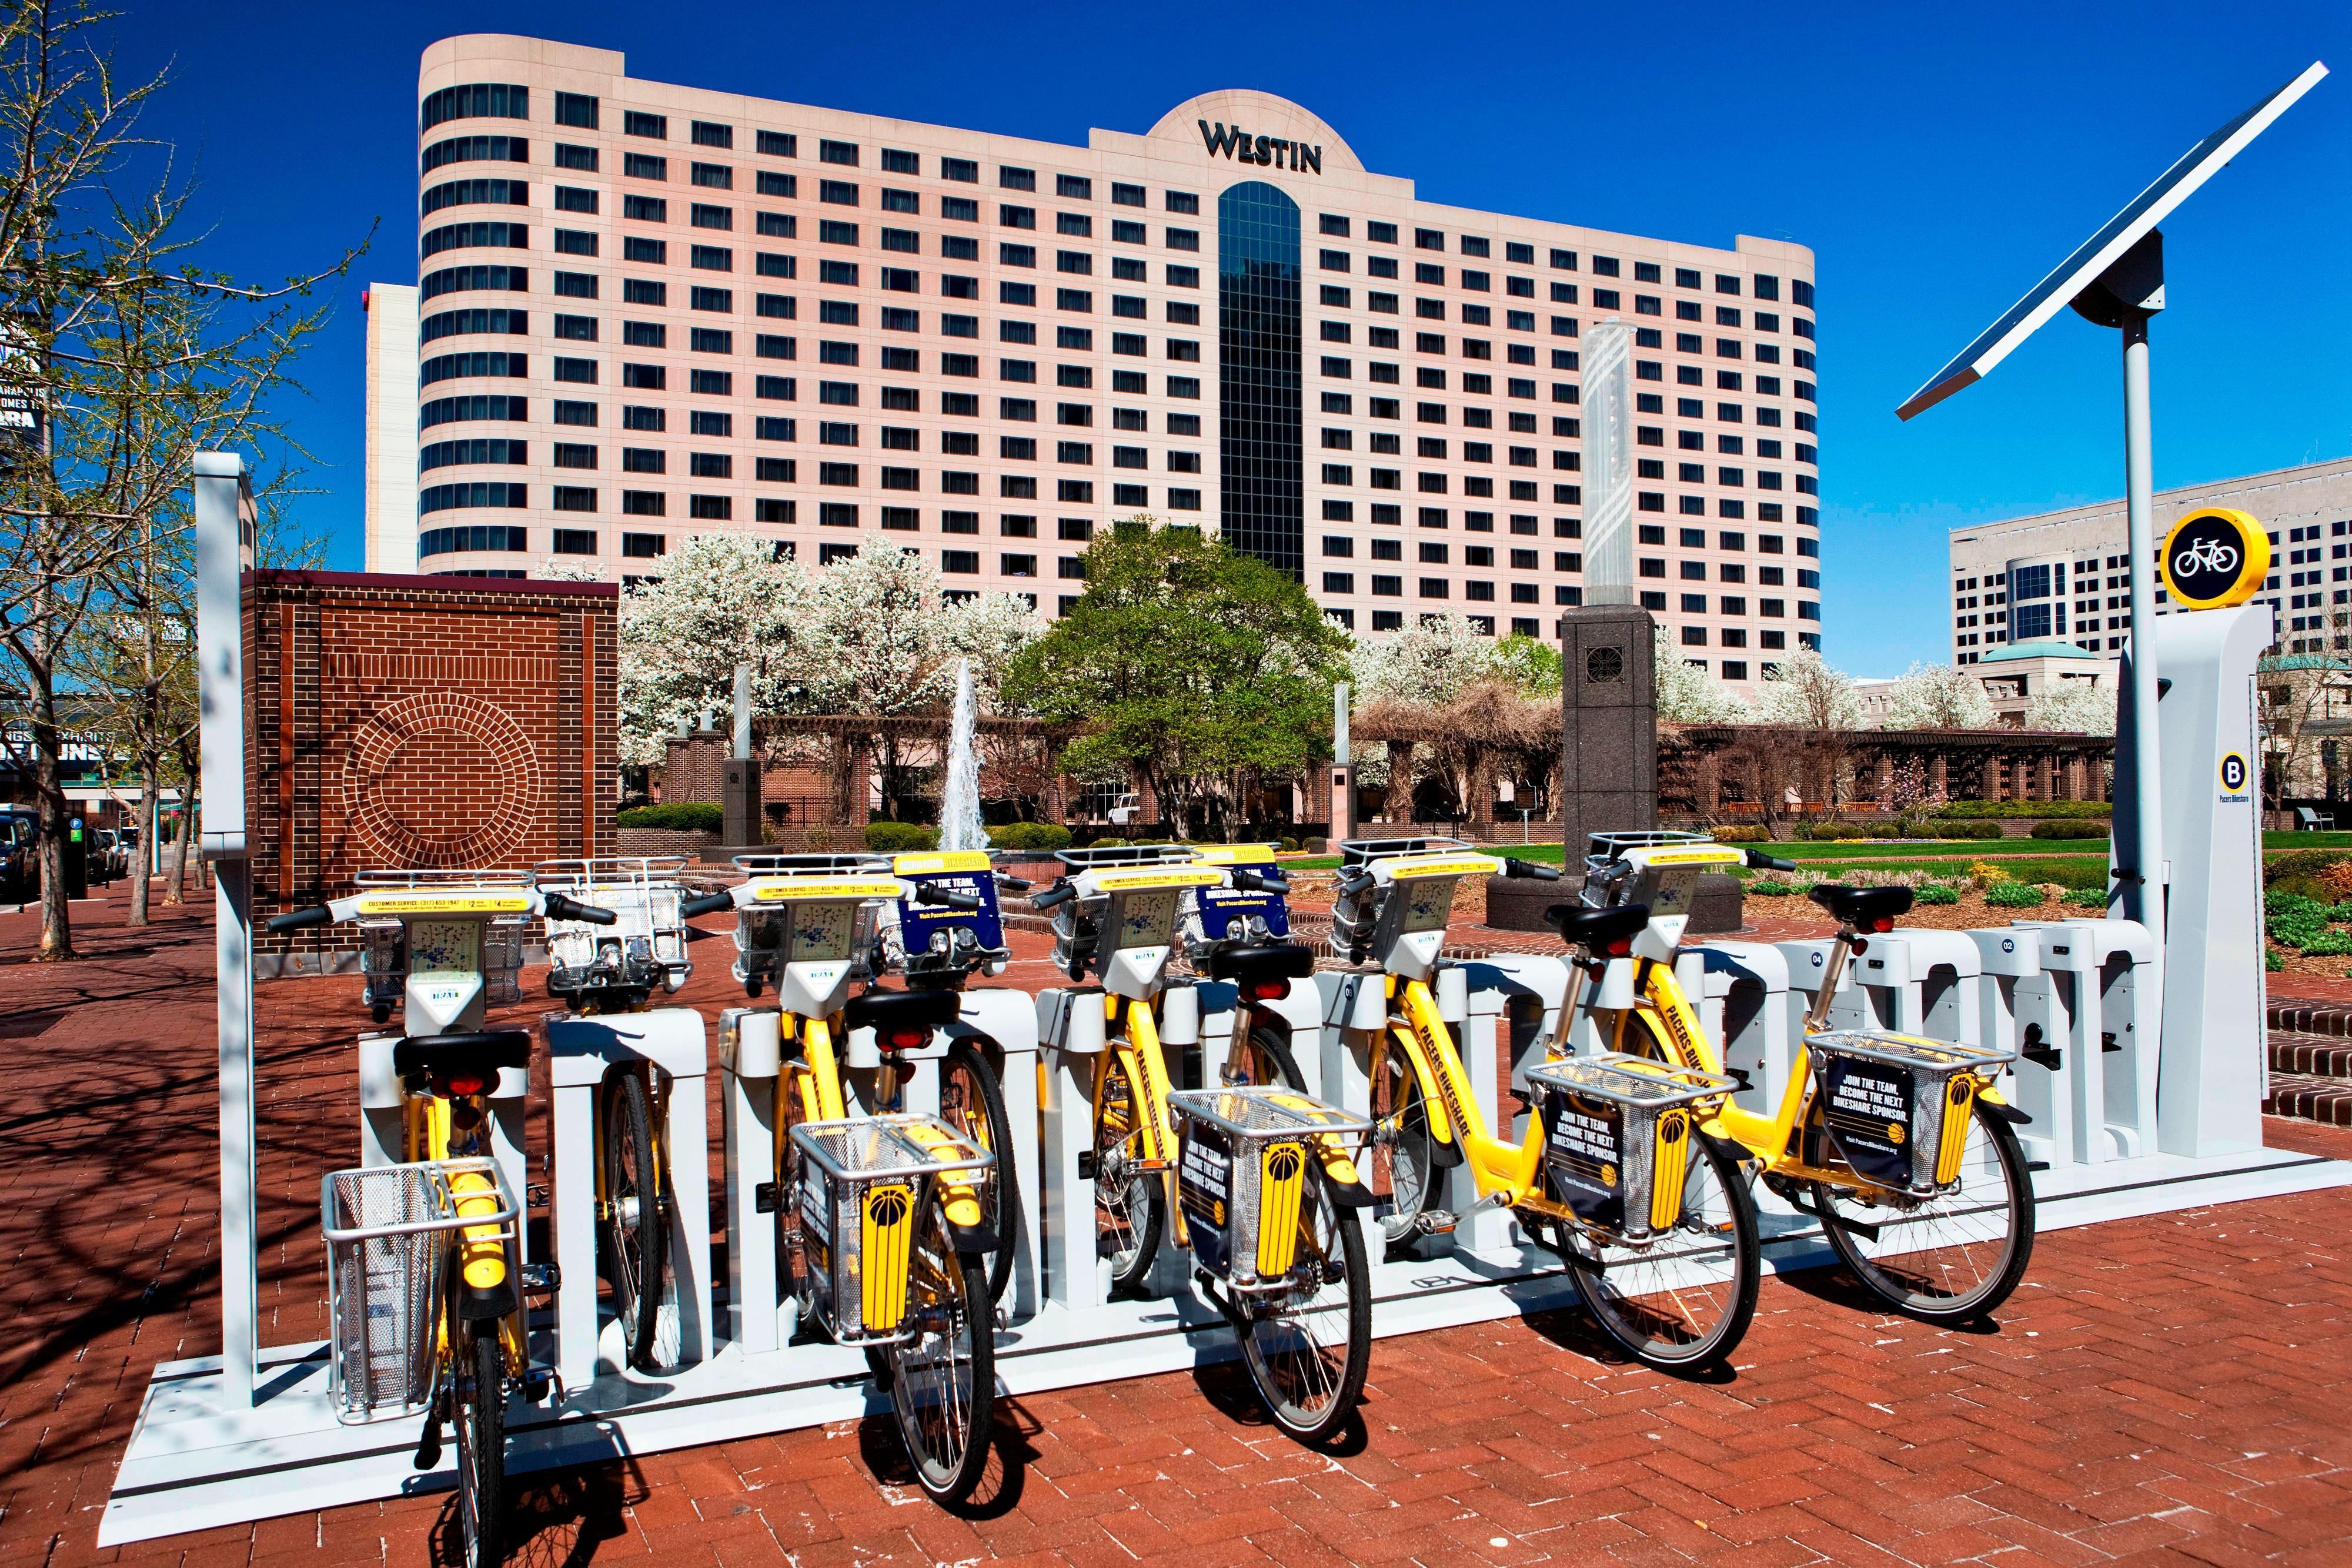 Explore Indy on Bikes